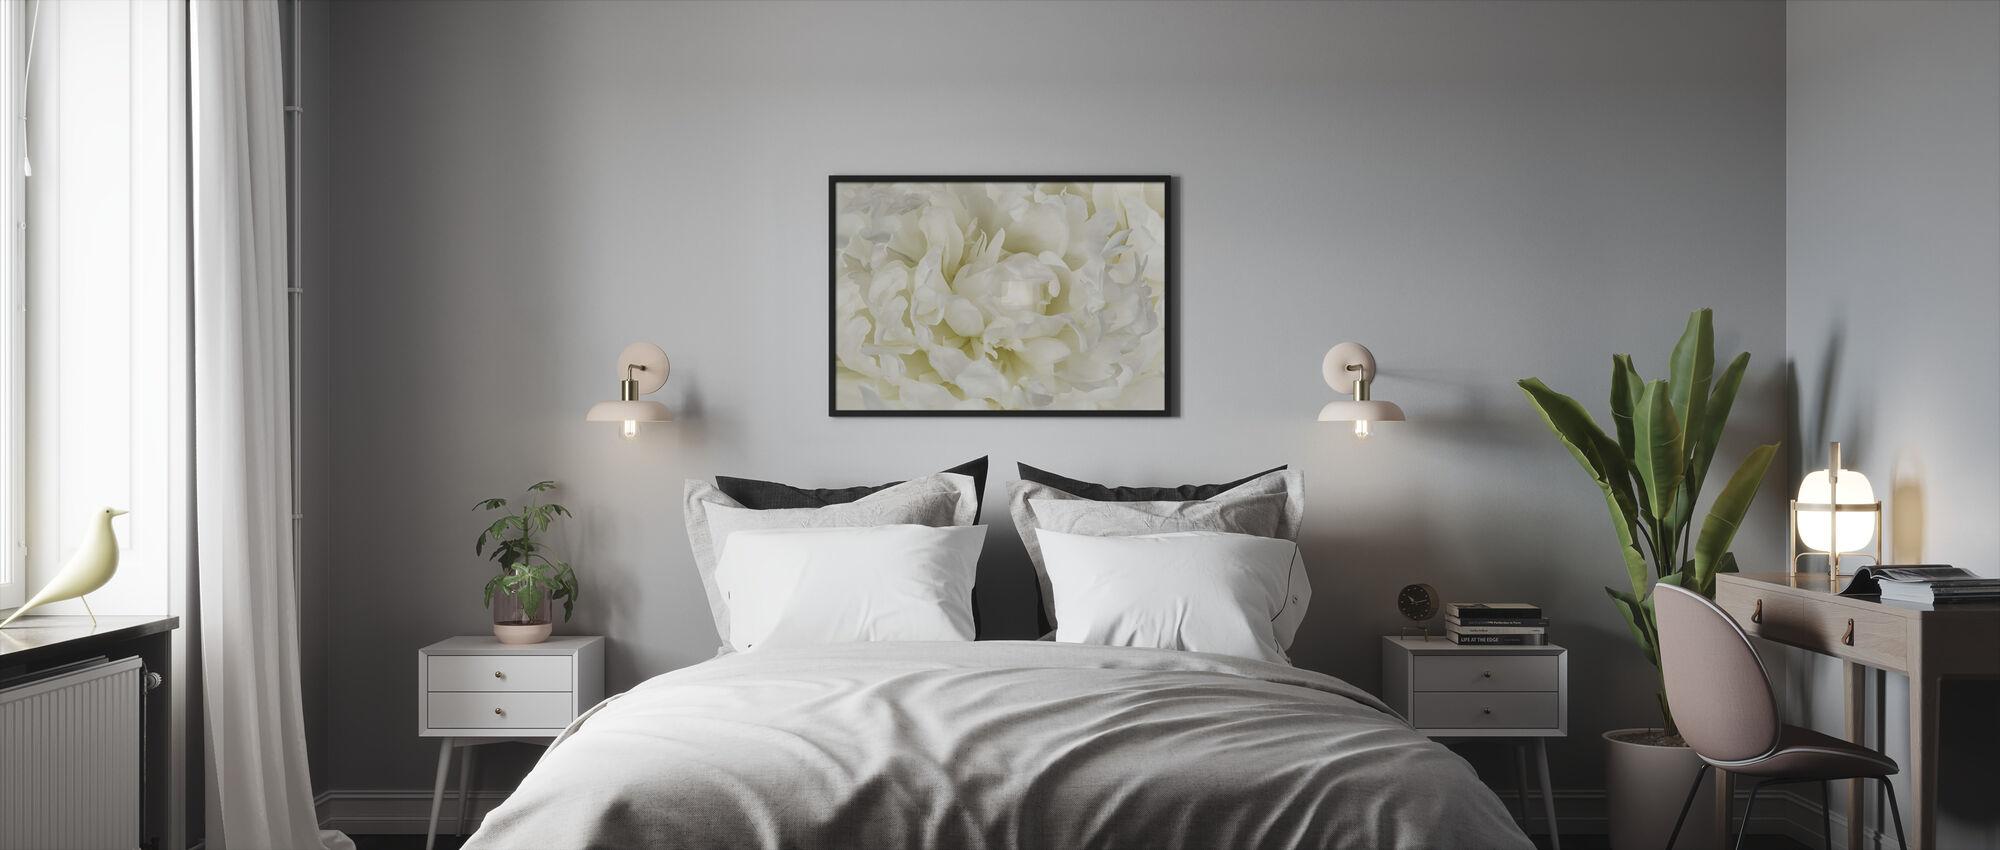 Norsunluu valkoinen pioni - Kehystetty kuva - Makuuhuone